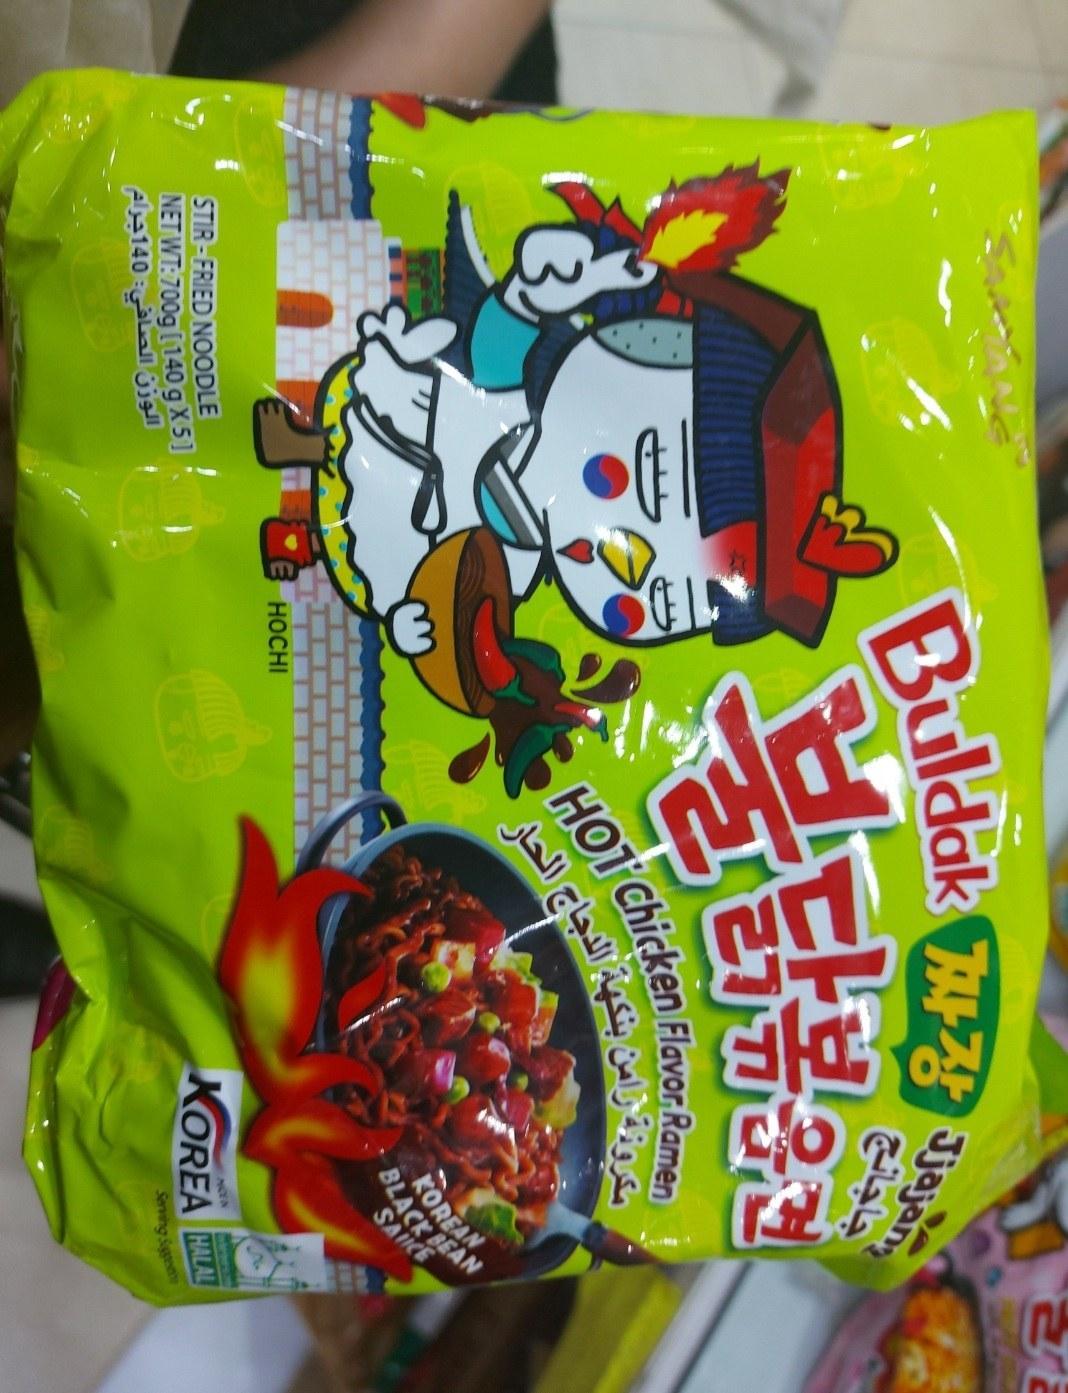 تصویر نودل کره ای (رامن ) جاجانگمیون طعم مرغ تند 140 گرم سامیانگ – samyang ا samyang samyang